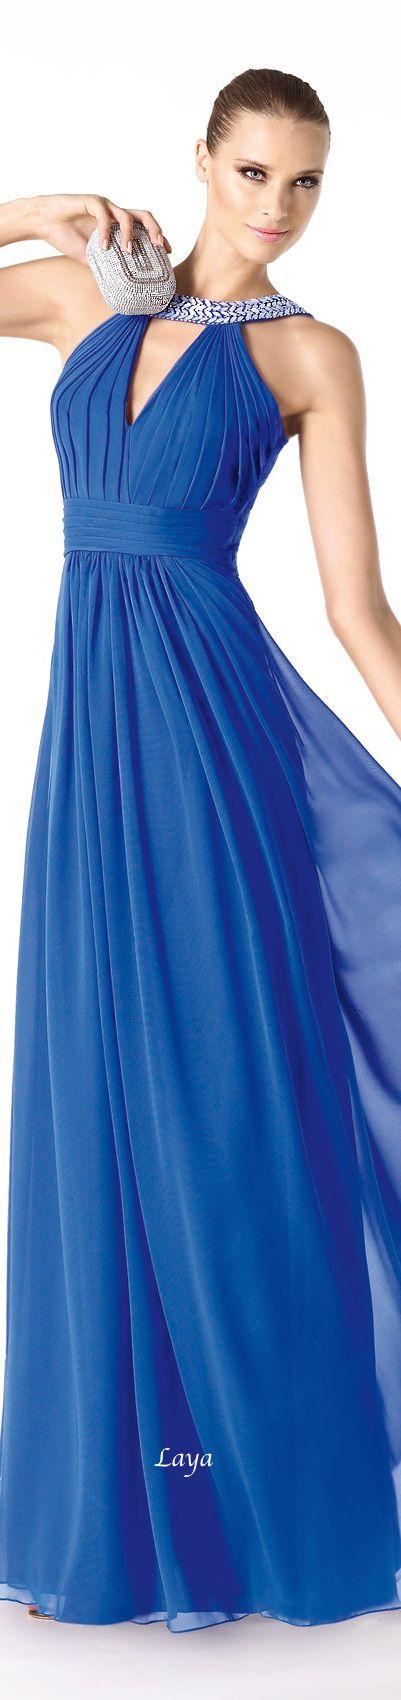 Pronovias Cocktail Dress 2014: